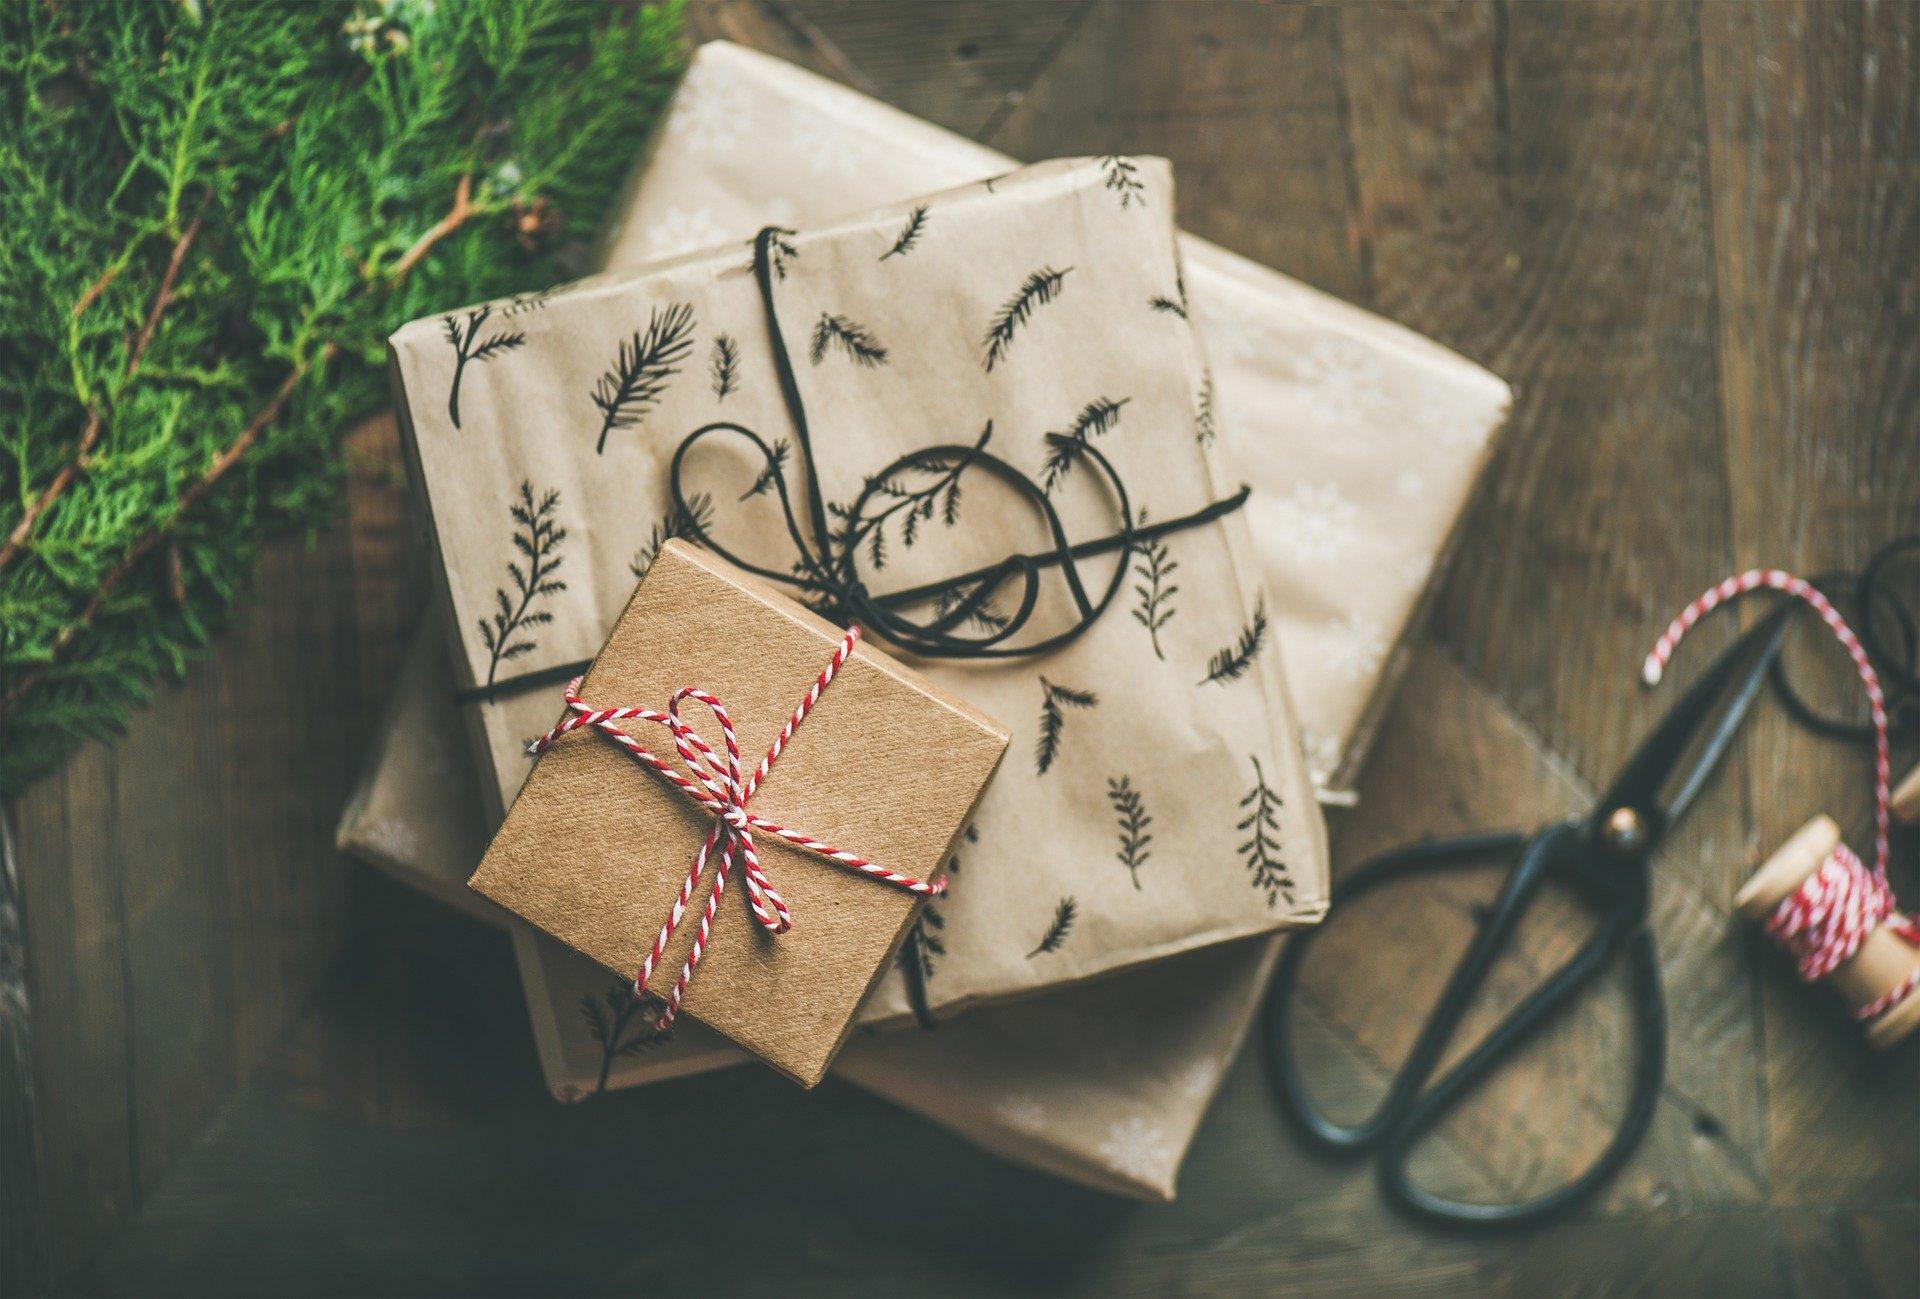 Wij bezorgen a la carte kerstdiner aan huis!